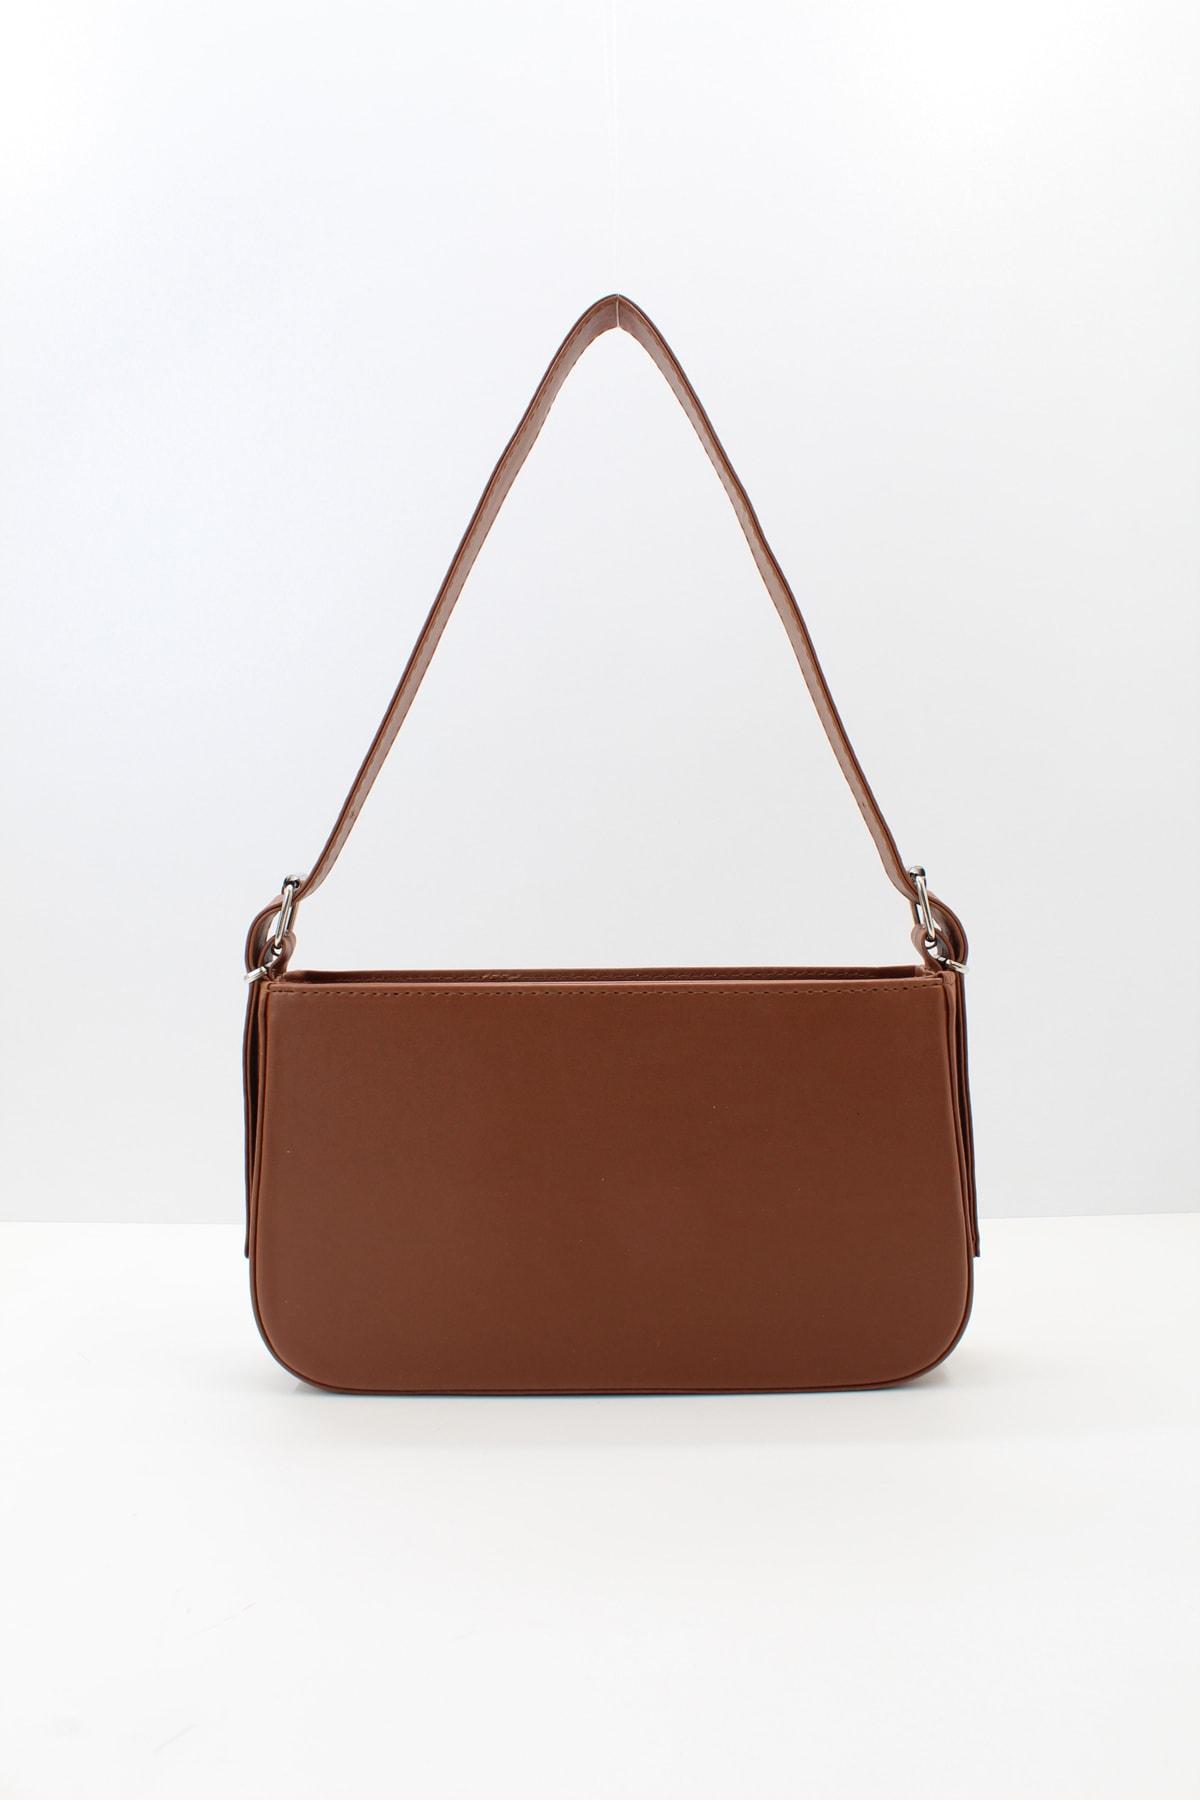 Kadın Fermuarlı Baget Çanta Taba